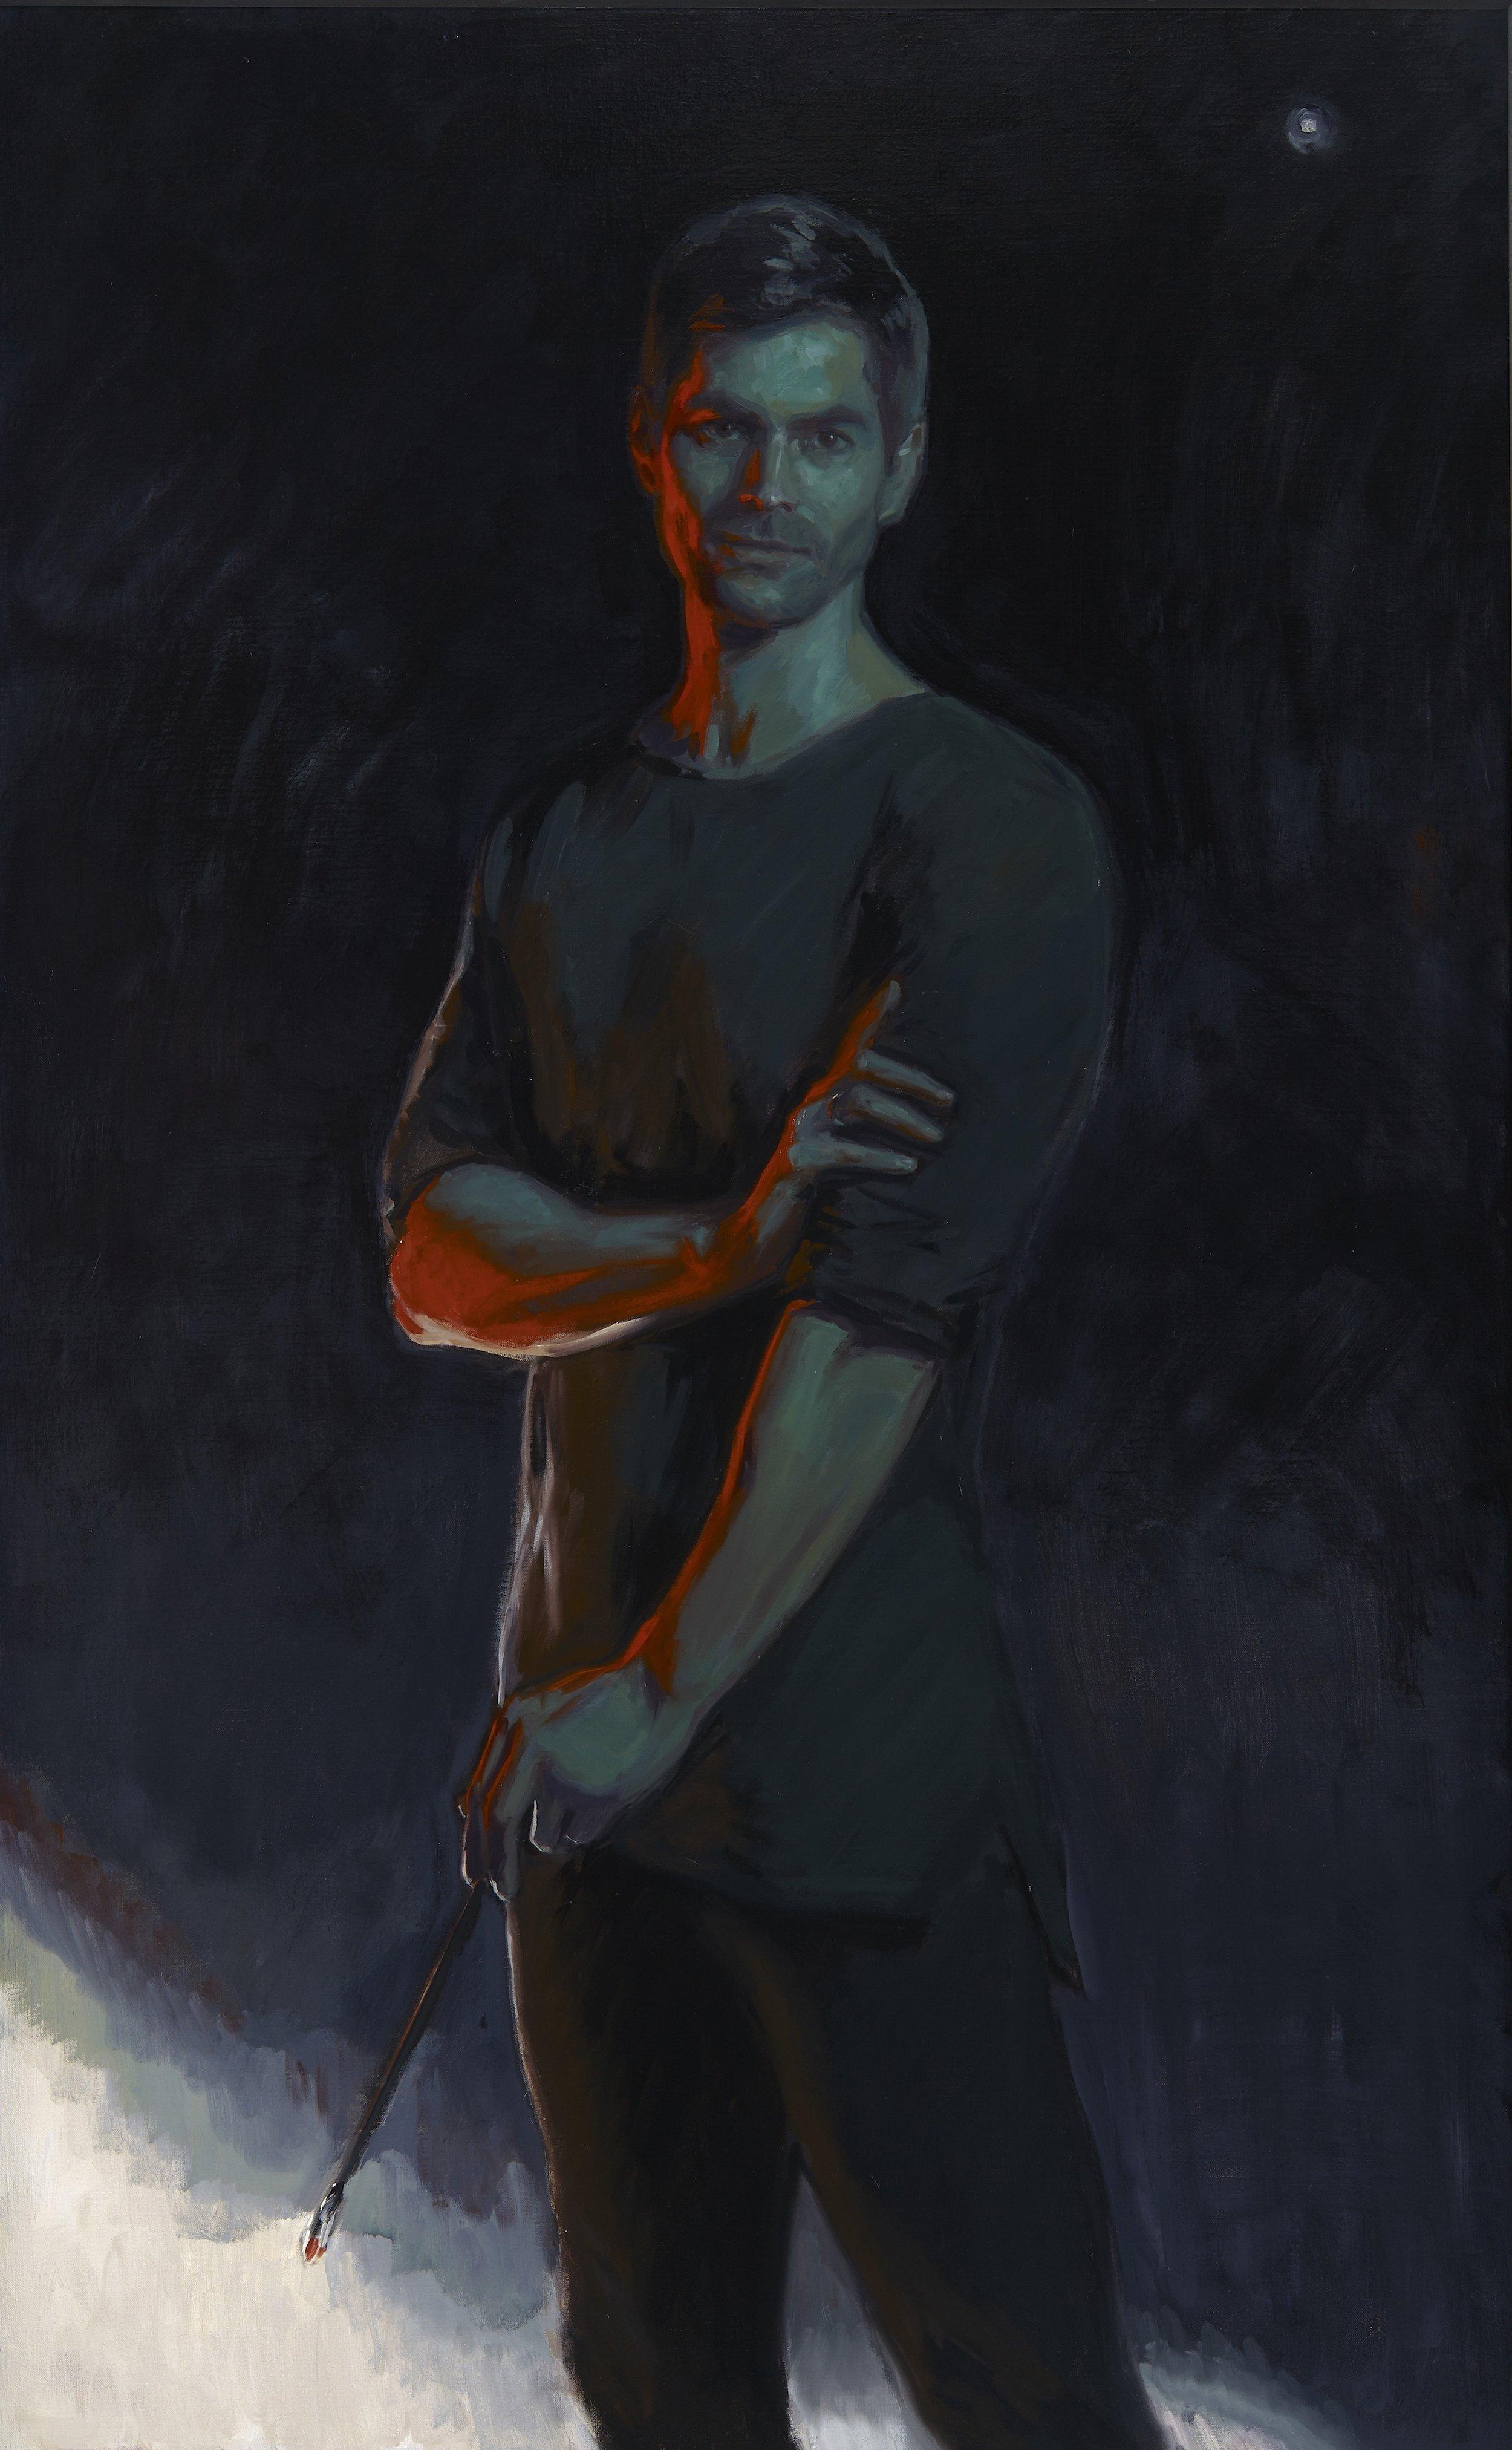 Self-Portrait, Oil on Canvas, 85 x 145cm, 2017